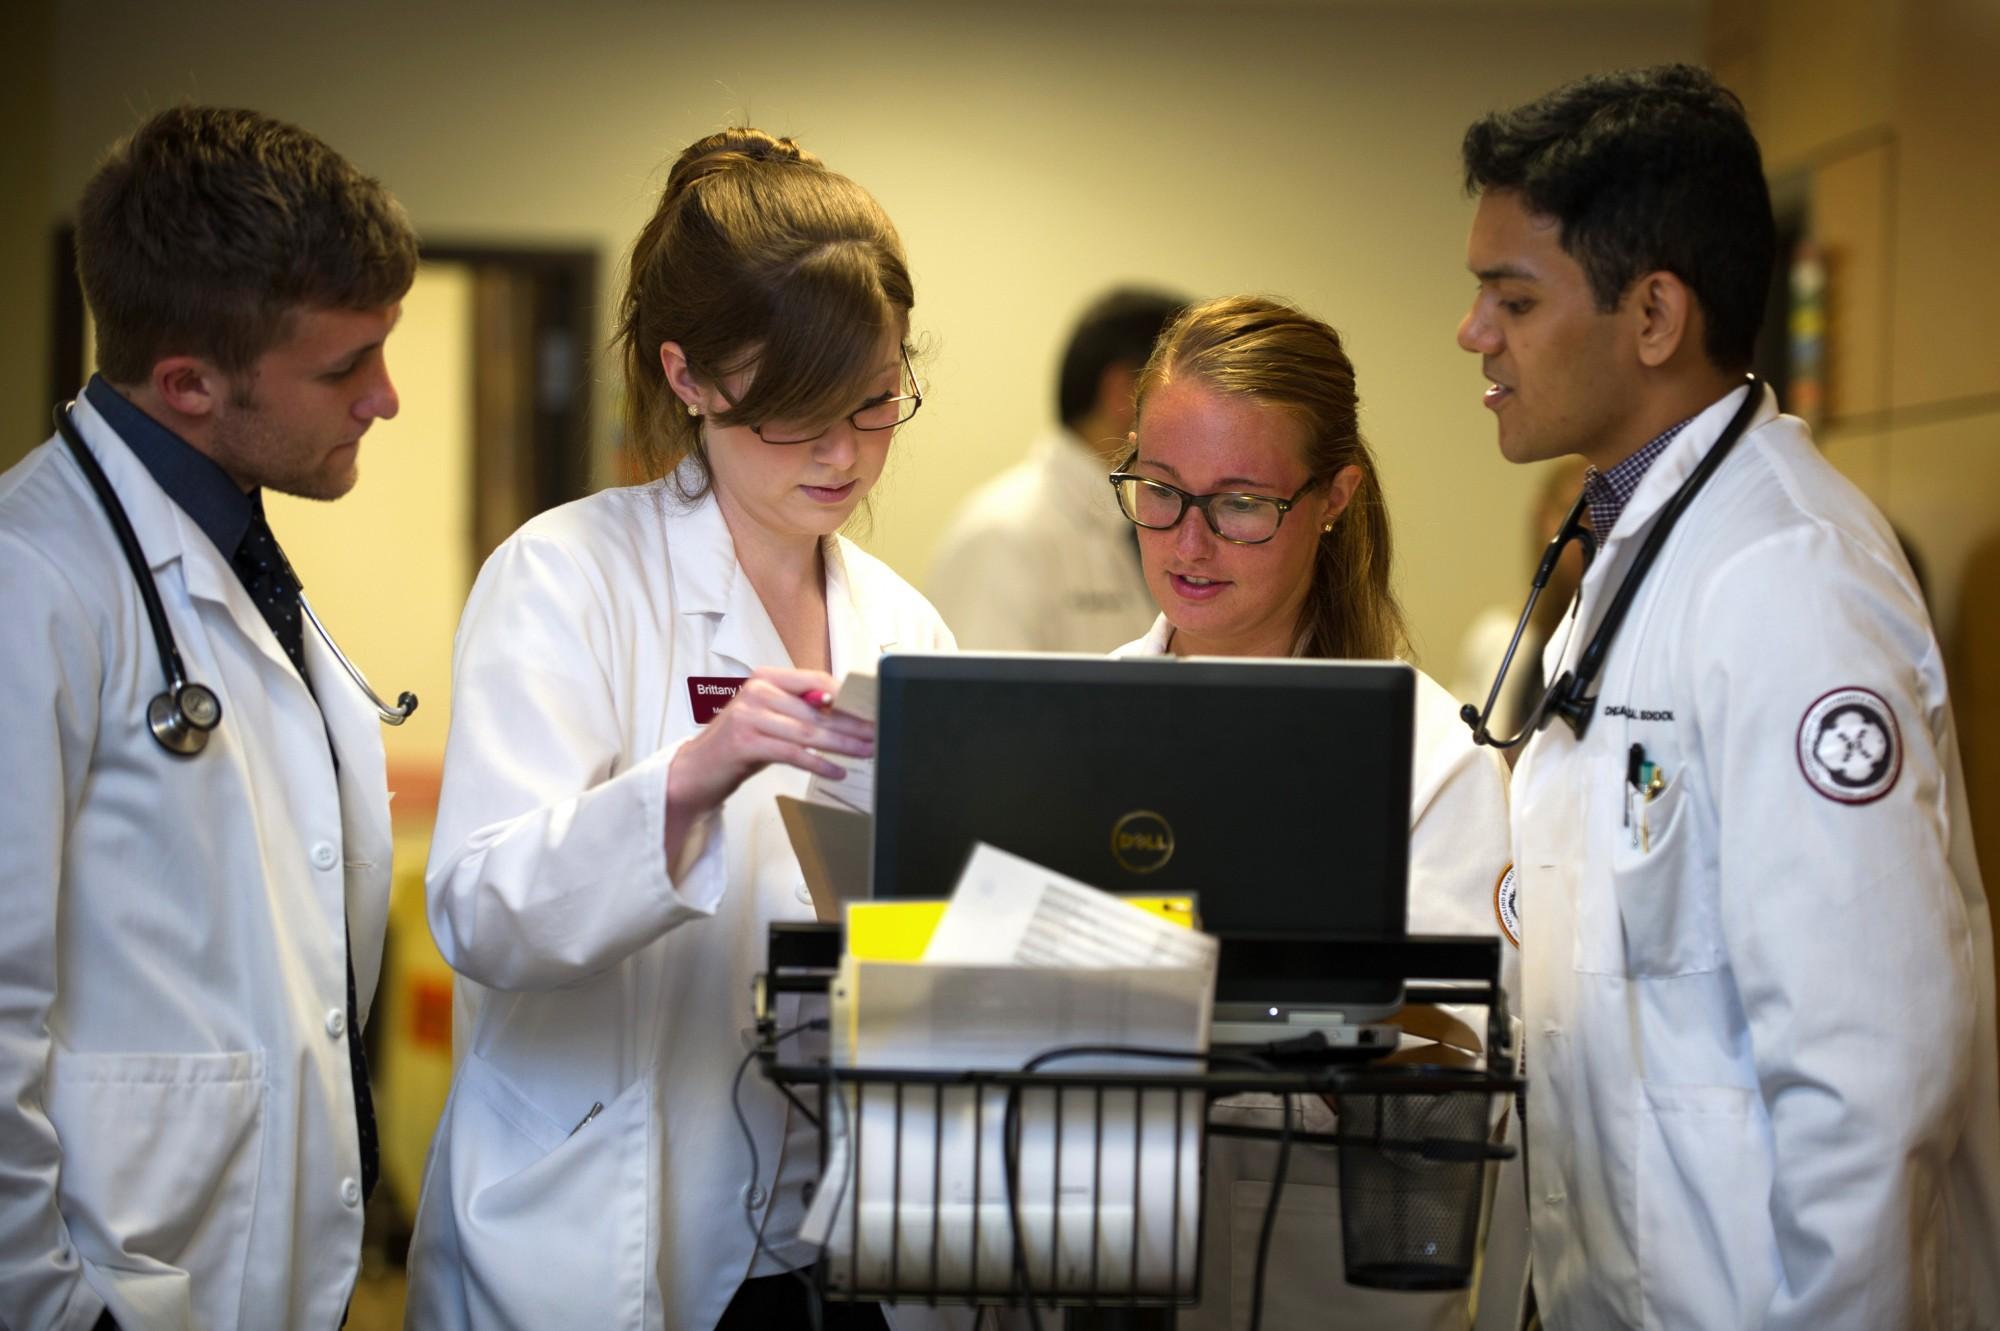 Далеко невсем пациентам нравится, когда их клинические случаи изучает толпа студентов-медиков. Но вбольницах, где именно так ипроисходит, риск умереть немного ниже.